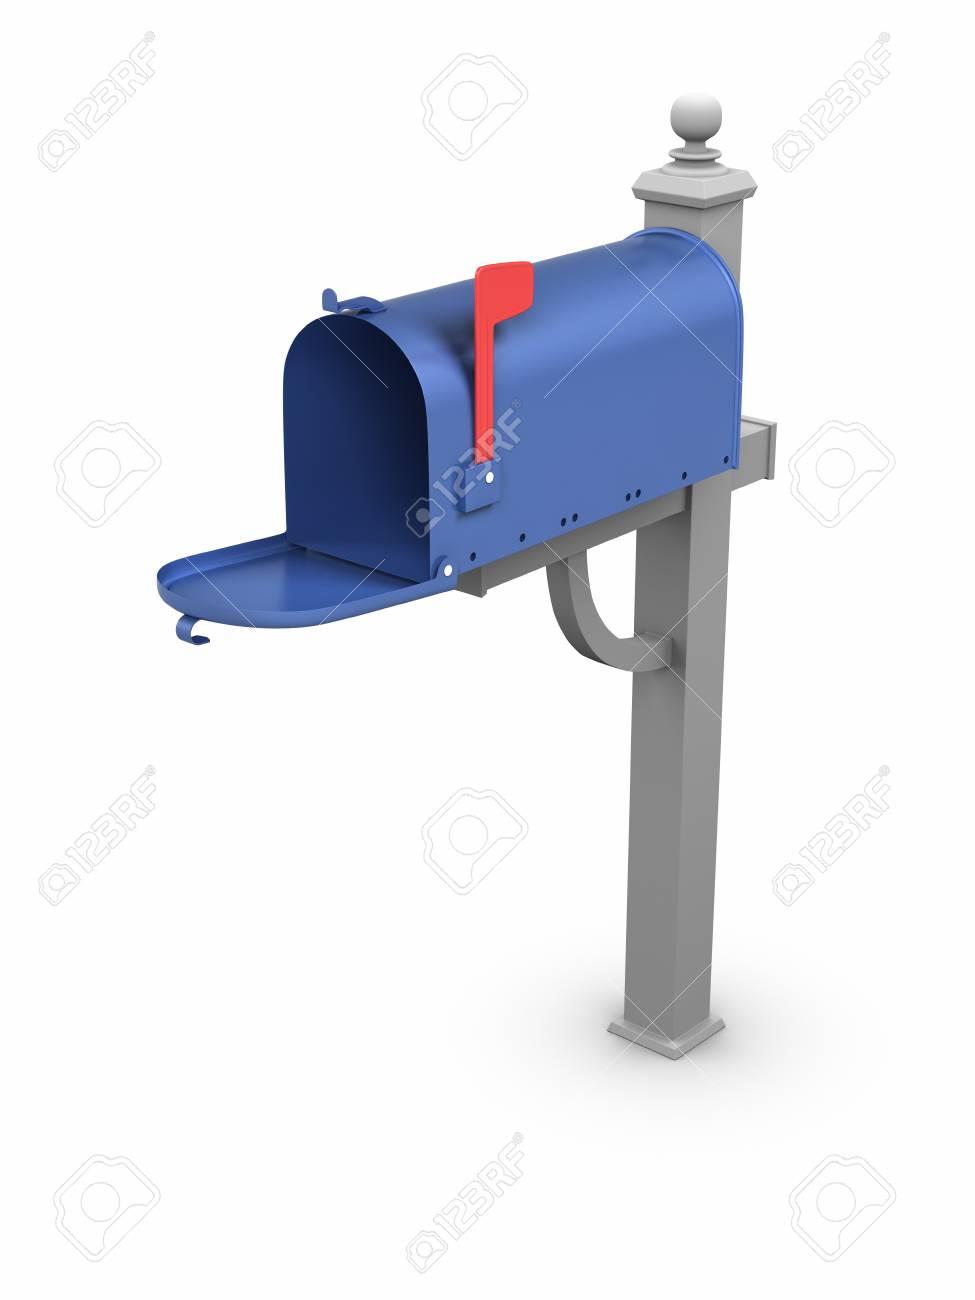 Opened Mailbox. Stock Photo - 9943184